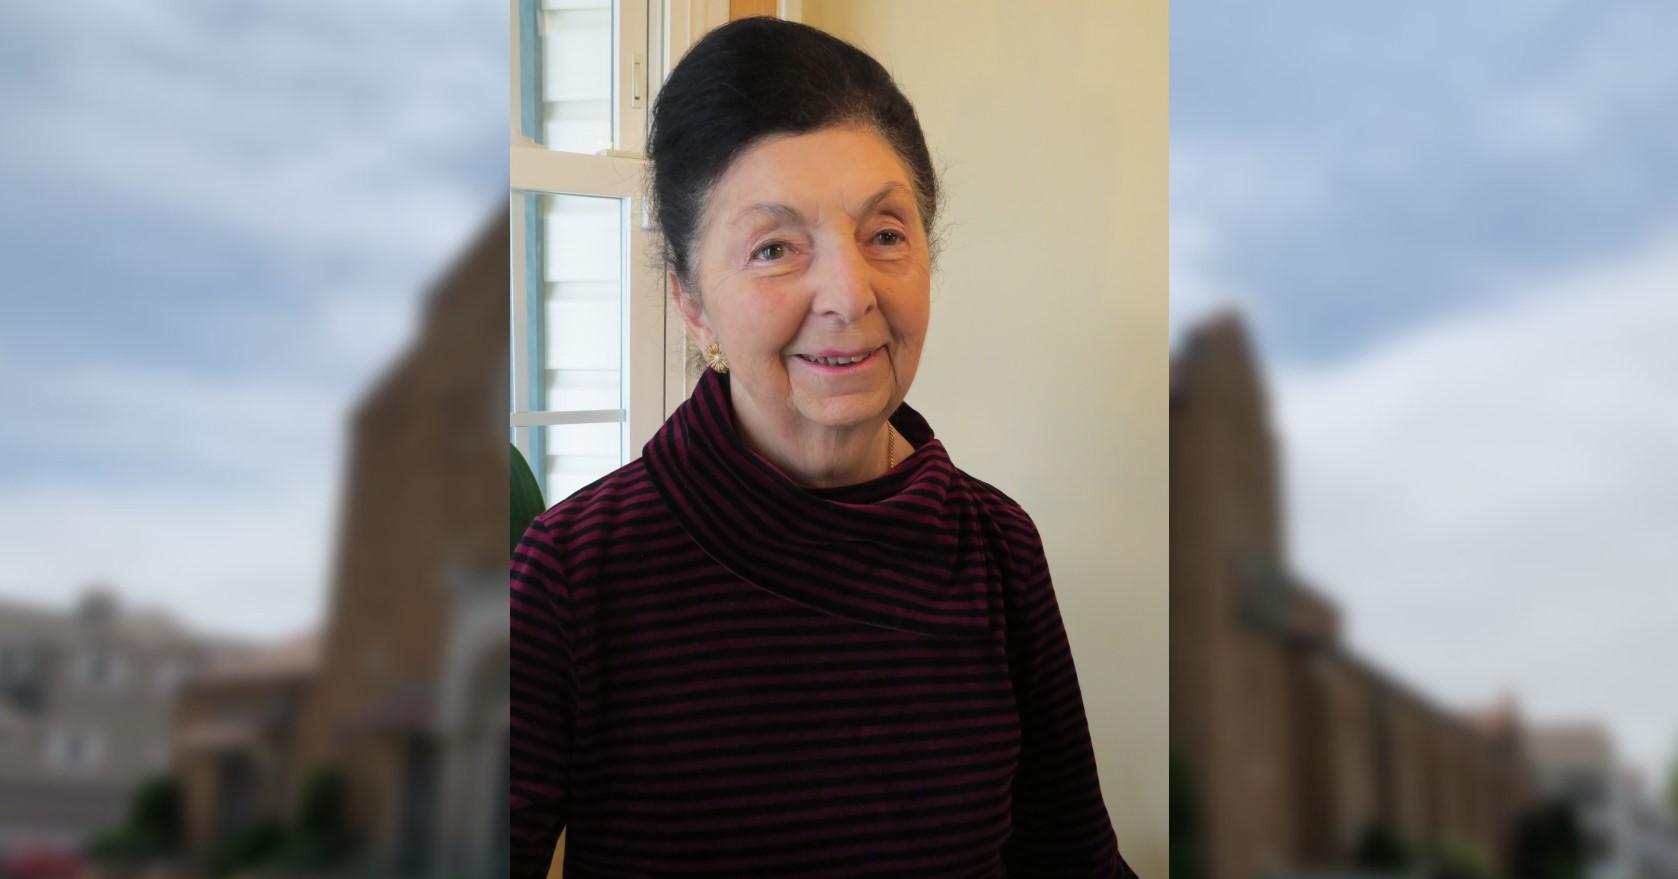 Know Your Fellow Parishioner: Mary Ann Hascher